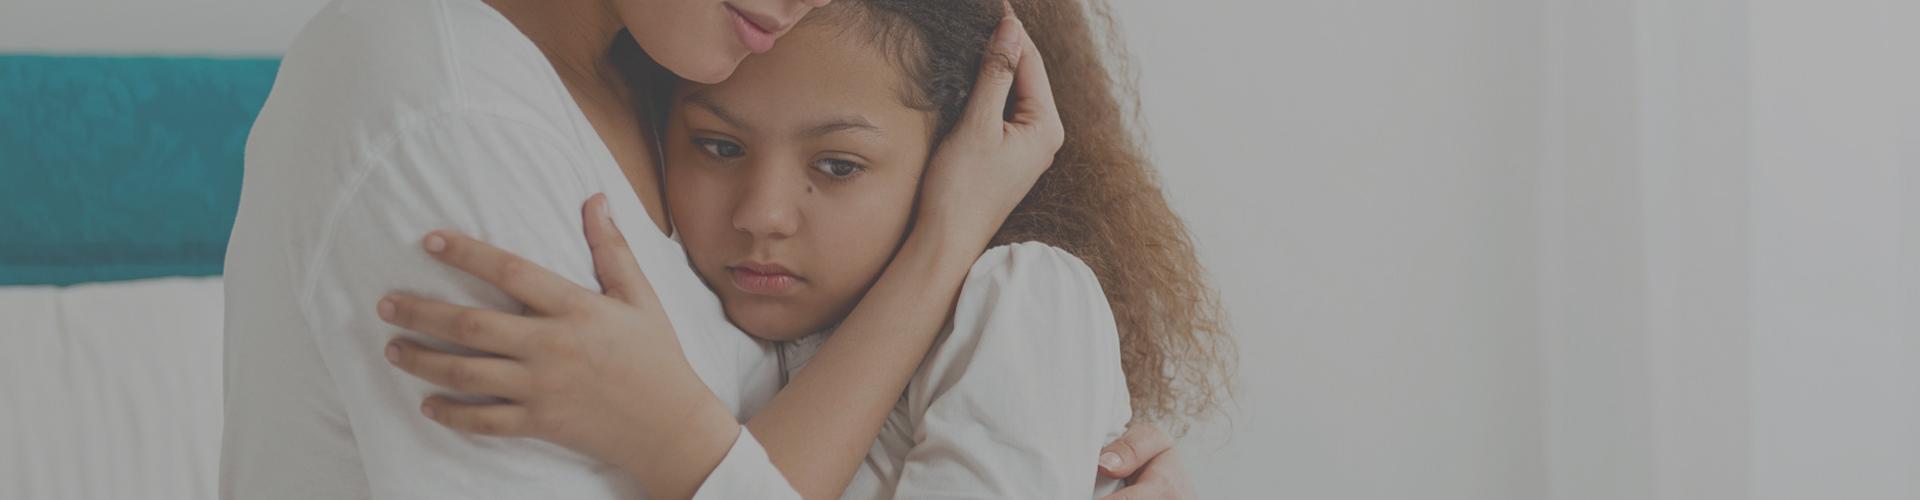 psicologa-prevencion-recursos-herramientas-ayuda-abusos-sexuales-infantiles-pedofilia-pedofilos-pederastia-valencia